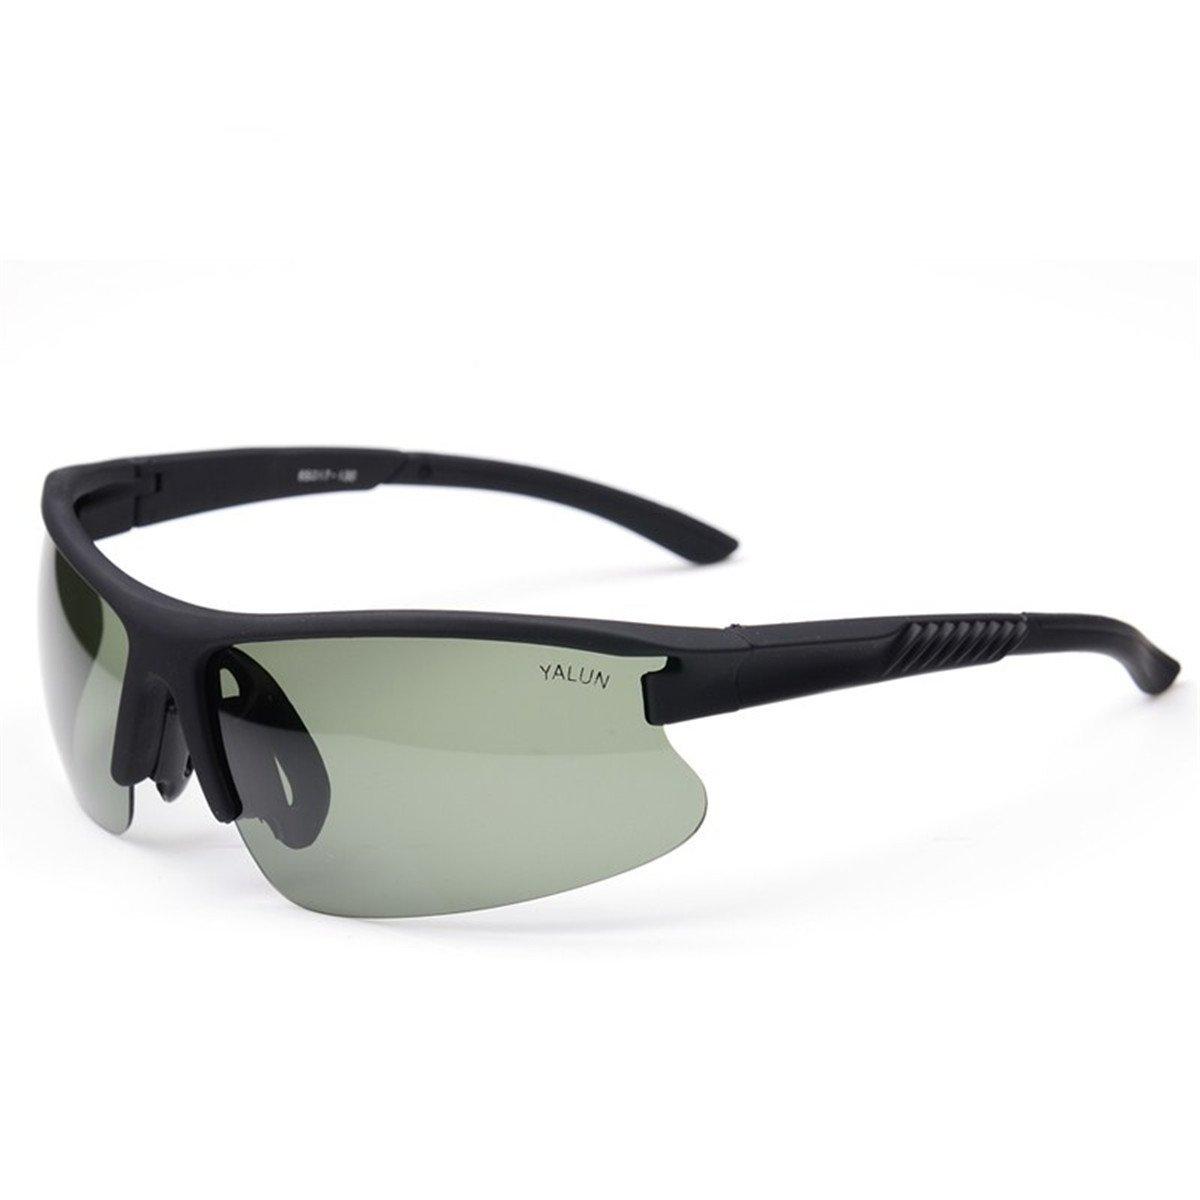 KOMNY Montar Hombres Deportes Gafas de Sol, Gafas, Gafas de Sol polarizadas Hombres conduciendo,Té de té Enmarcado: Amazon.es: Hogar